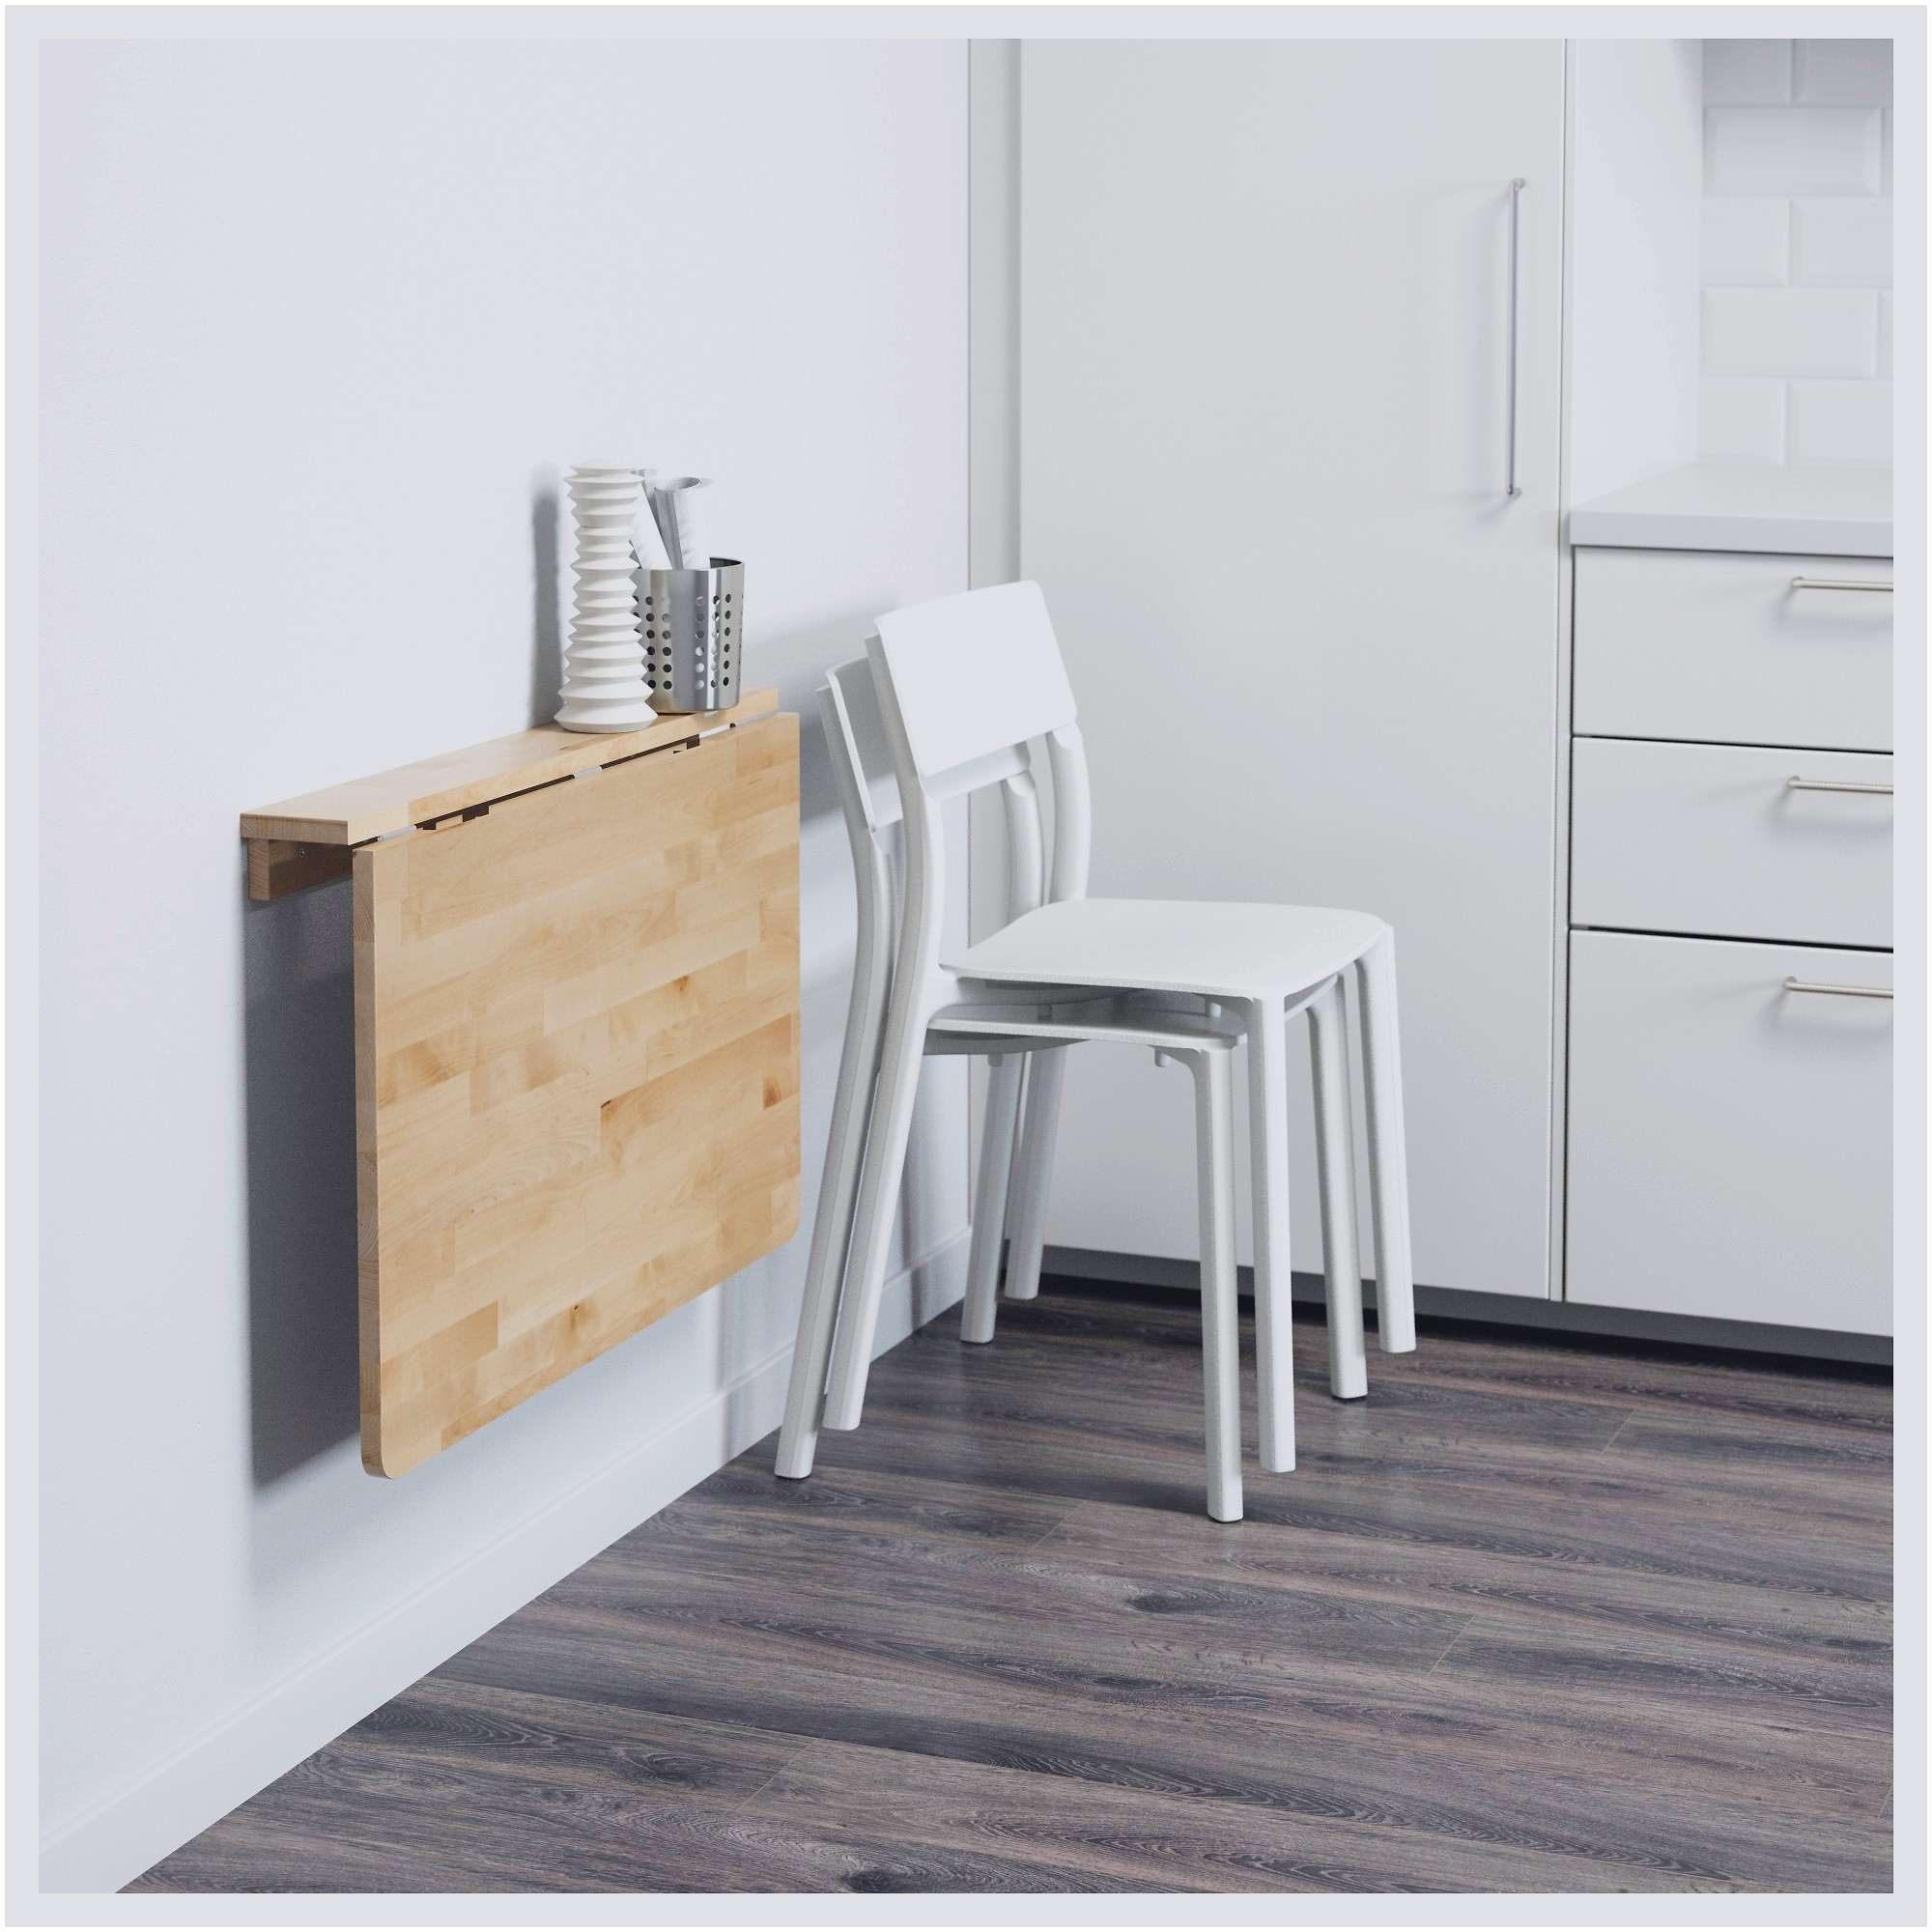 Ikea Lit Extensible Fraîche Luxe Table Relevable Ikea Luxe Lit Relevable Ikea Meilleur De